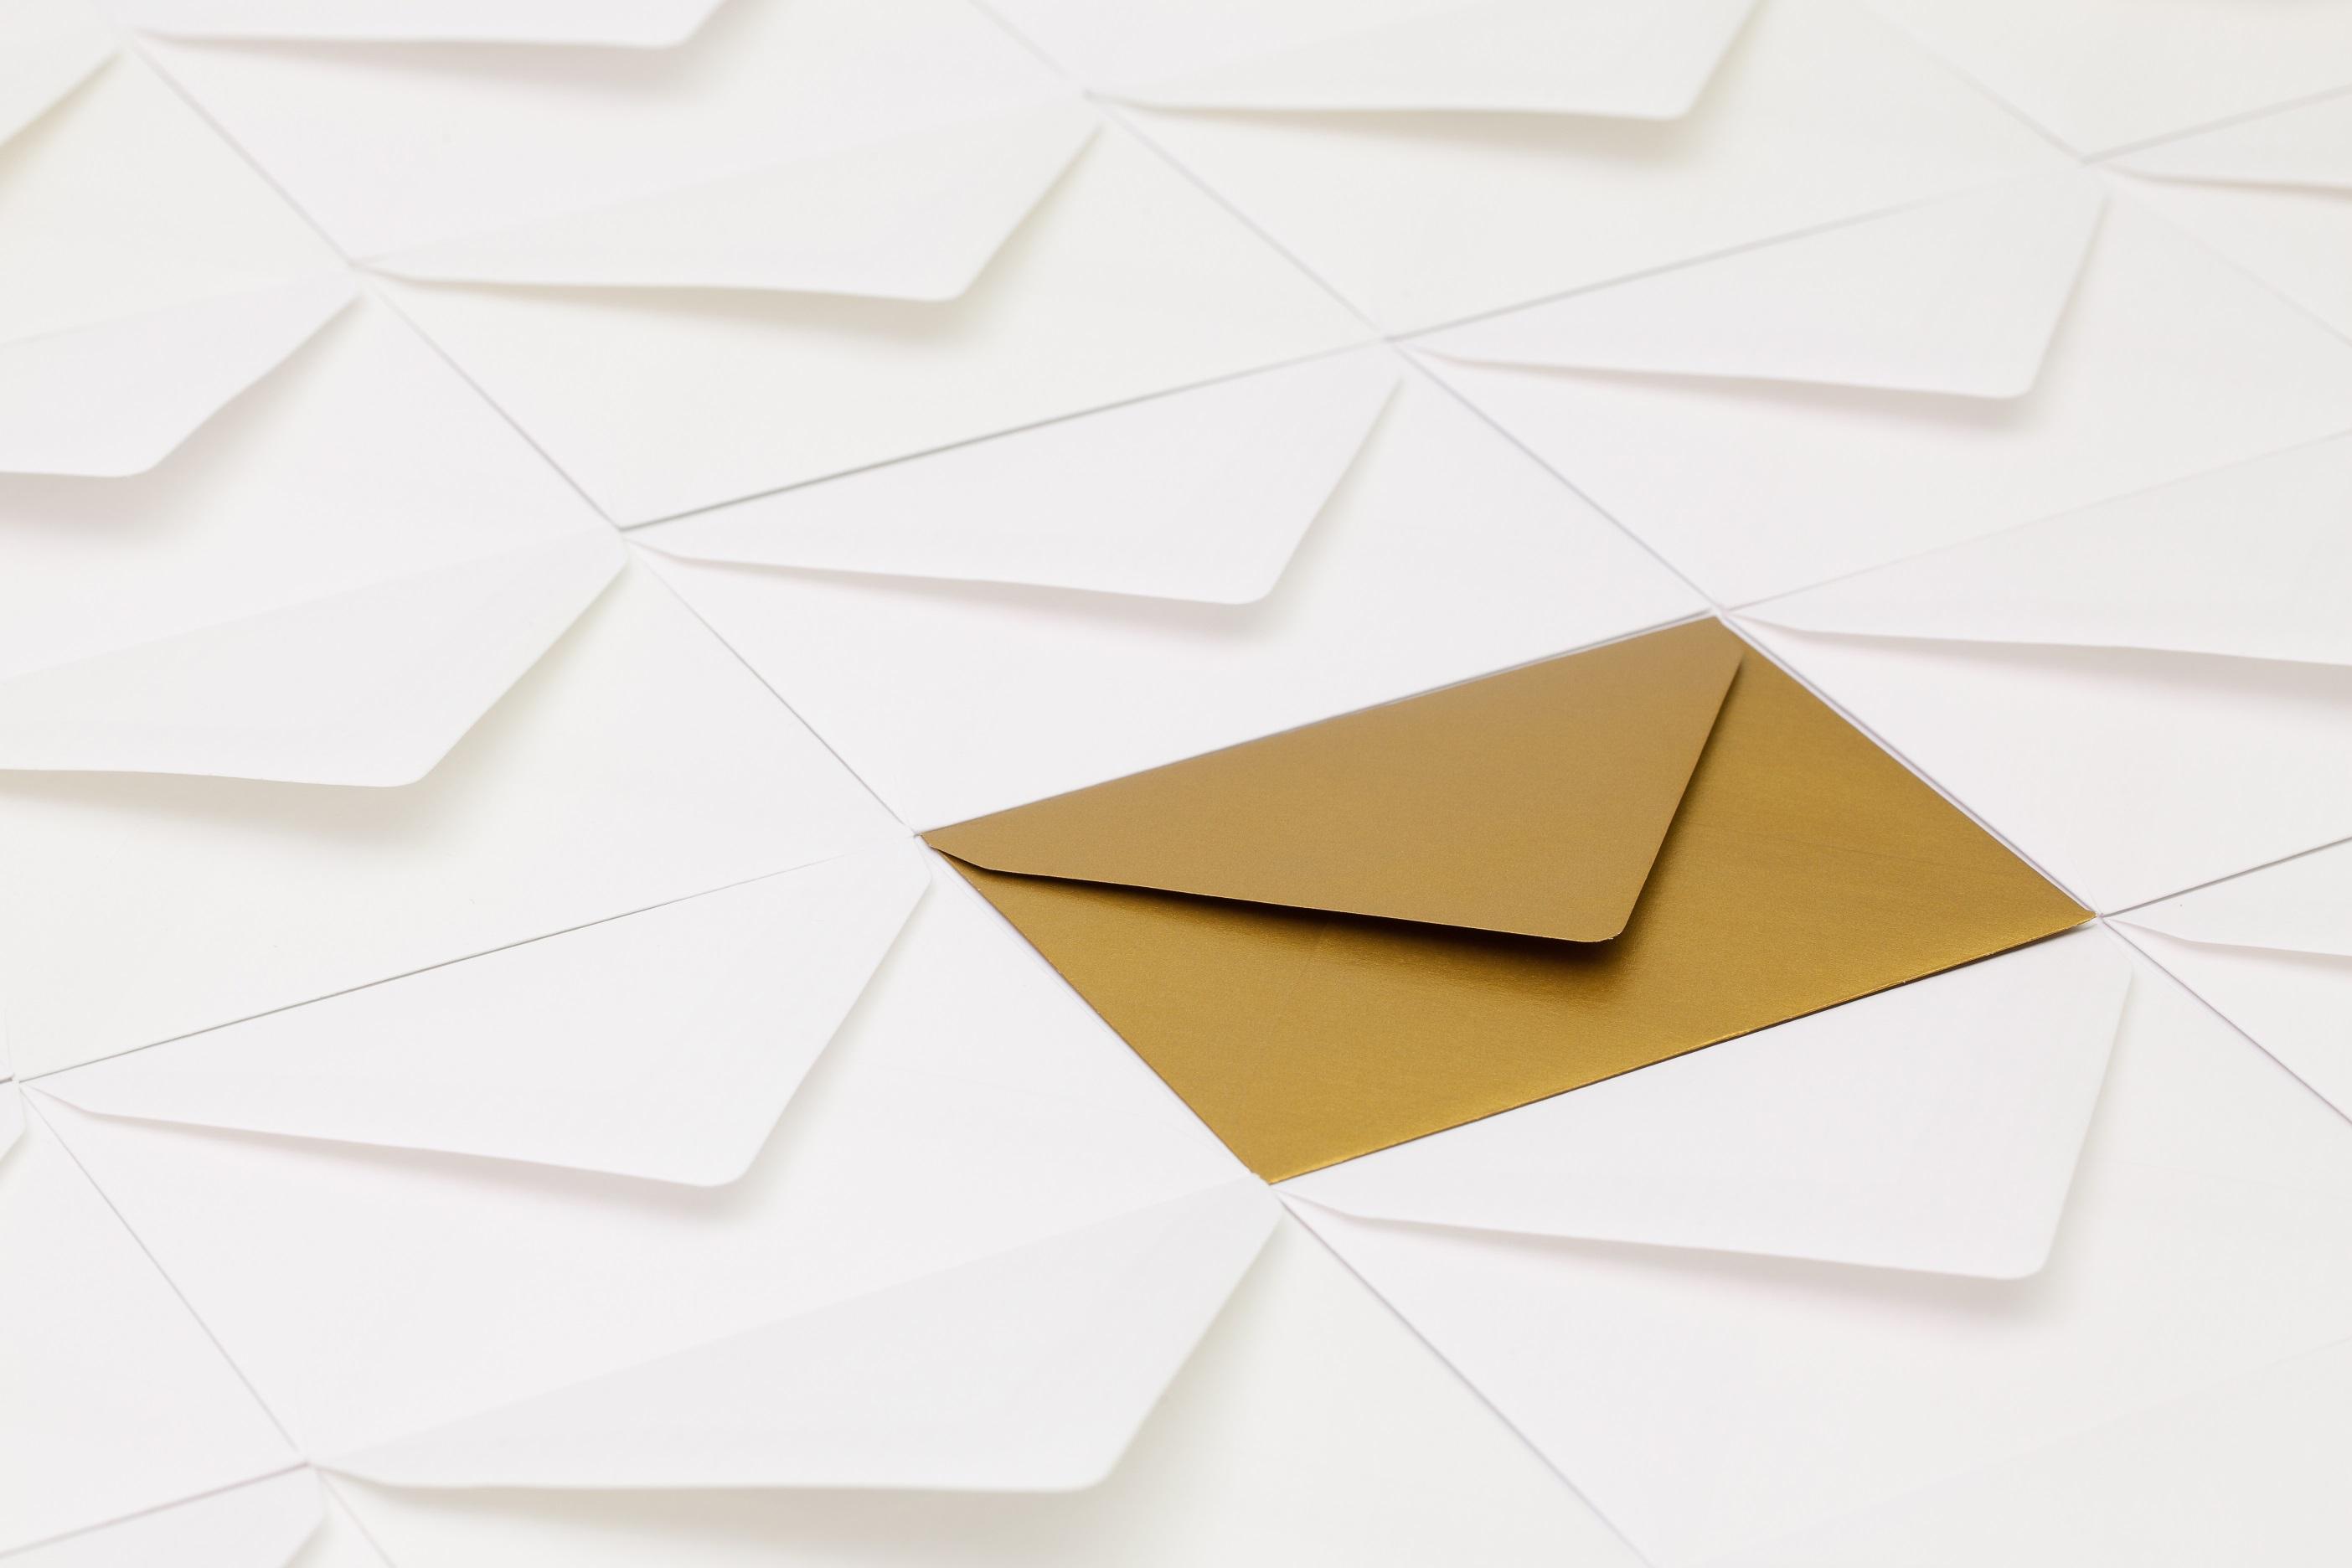 ソフトバンクのメールアドレスを維持する方法